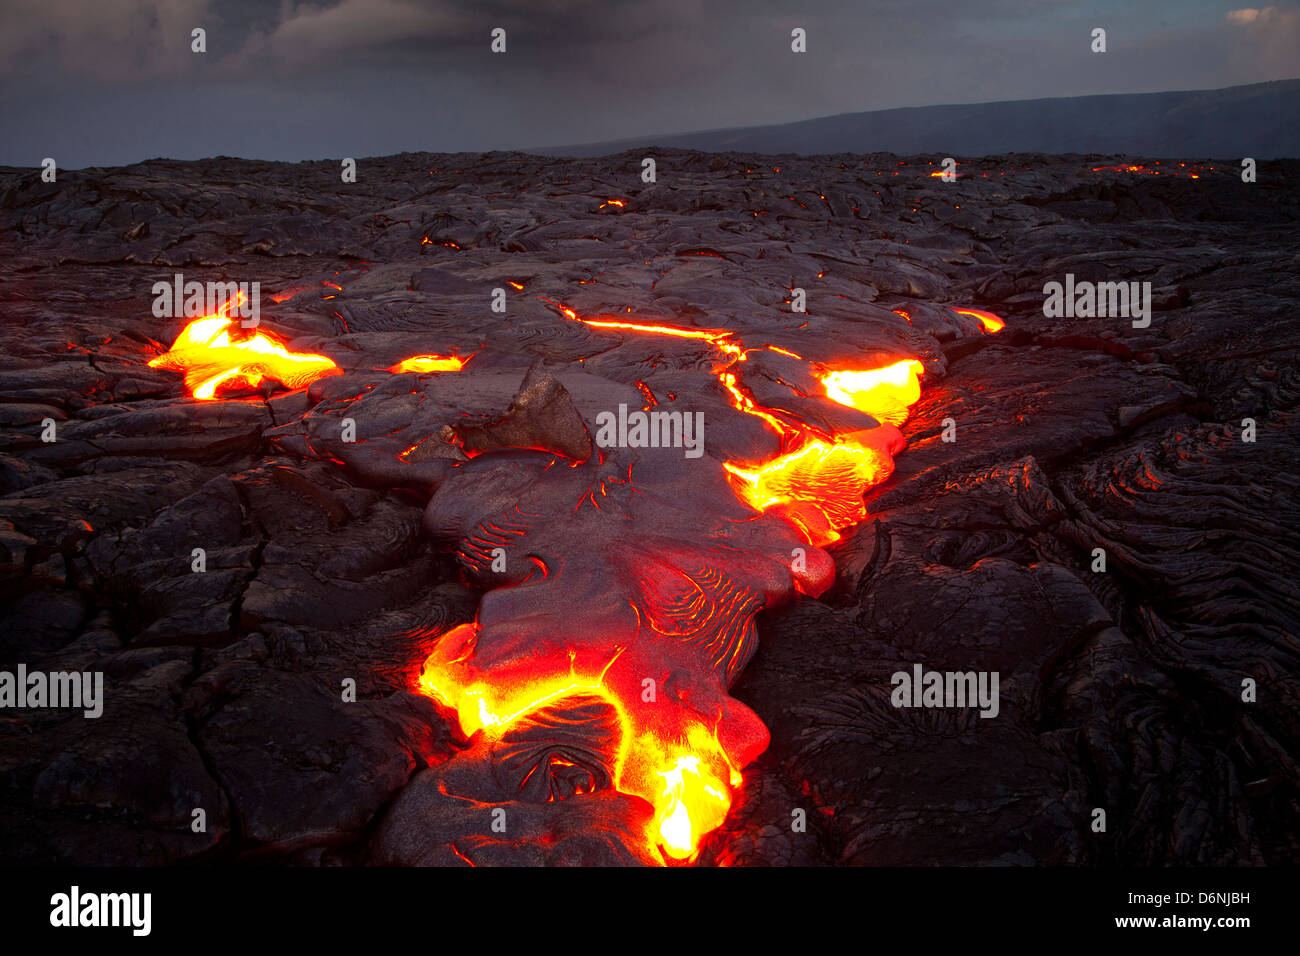 lava flow from Kilauea Volcano's Puu Oo vent near Hakuma Point, Hawaii Island (The Big Island), Hawaii ,USA - Stock Image